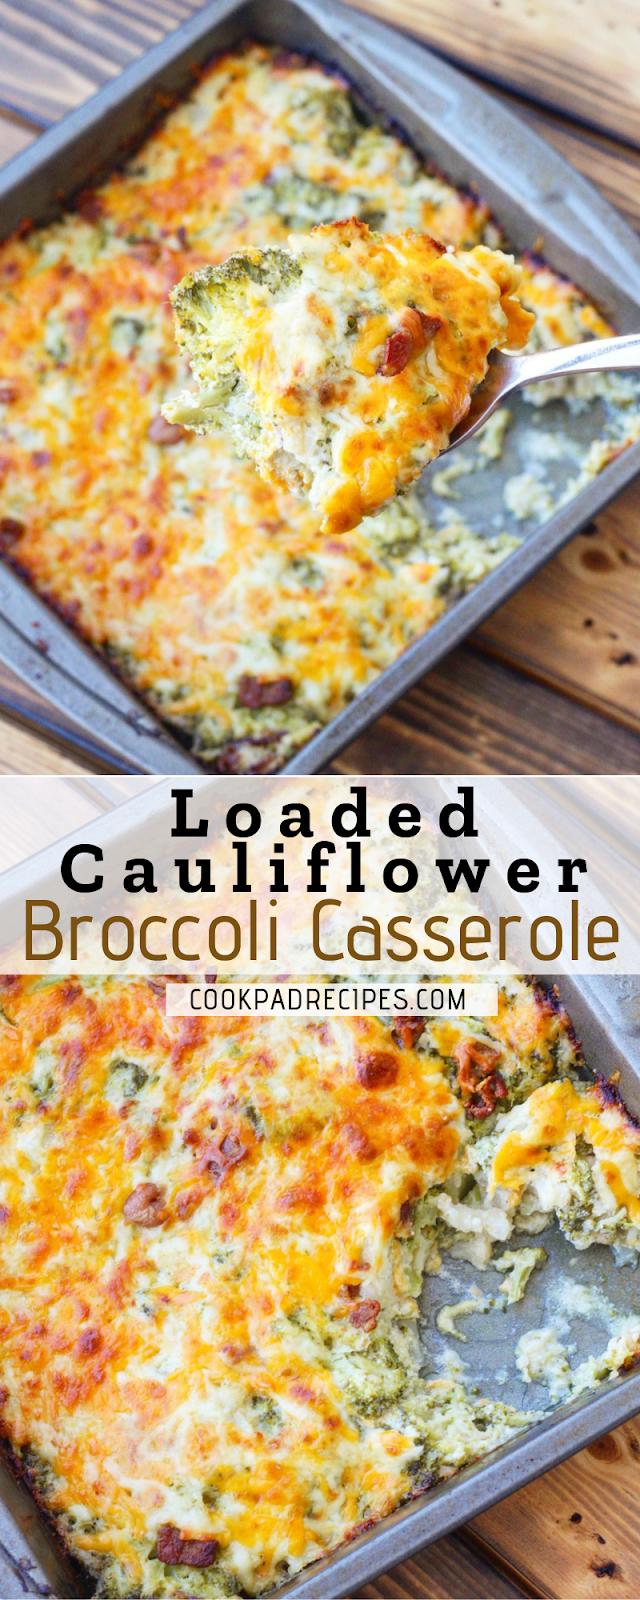 Loaded Cauliflower Brоссоlі Cаѕѕеrоlе